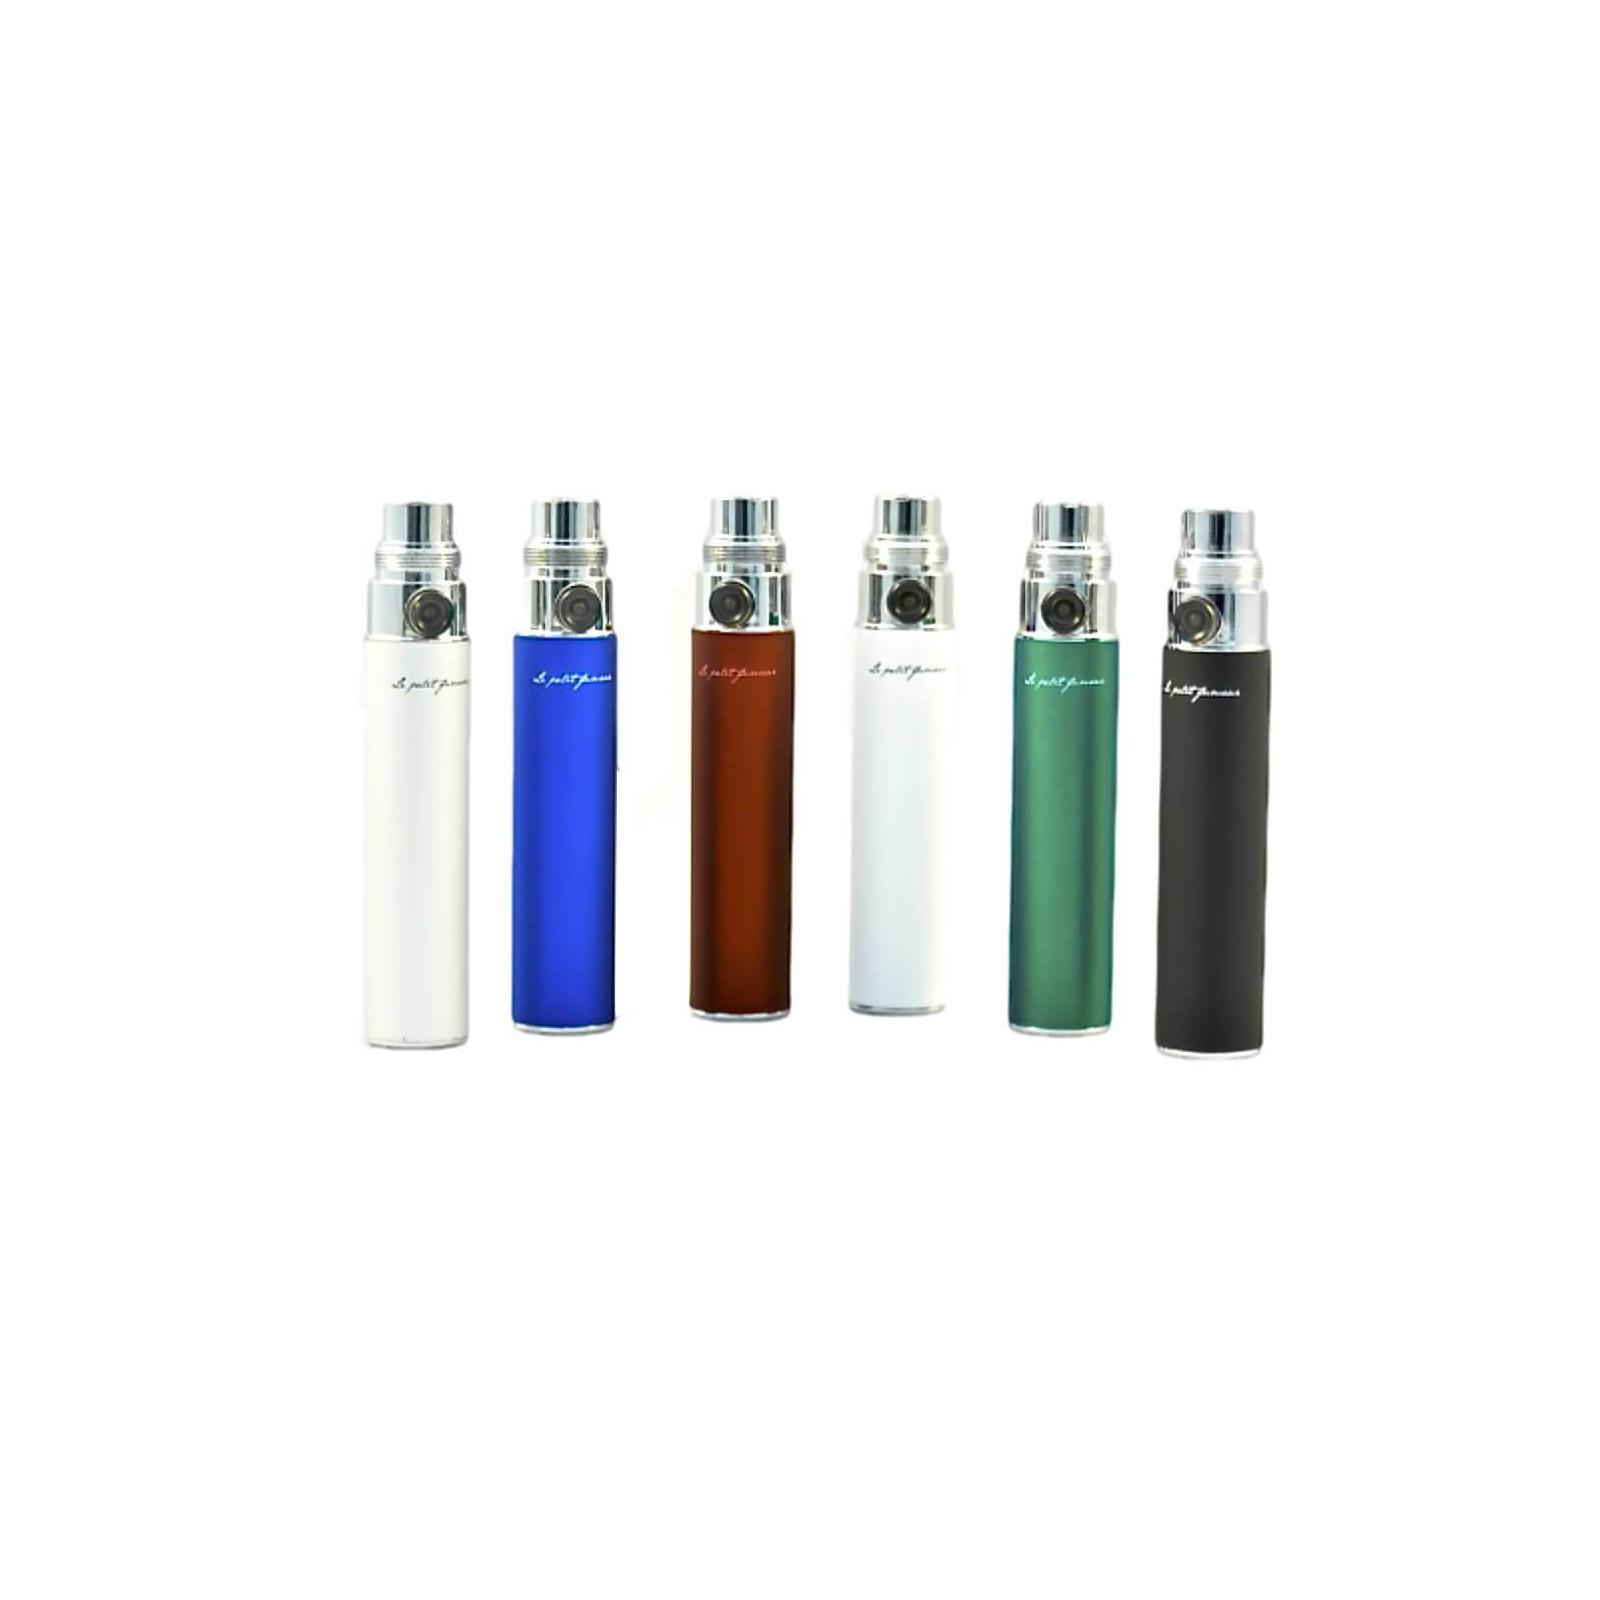 Batterie eGo T 650 mah - LE PETIT FUMEUR